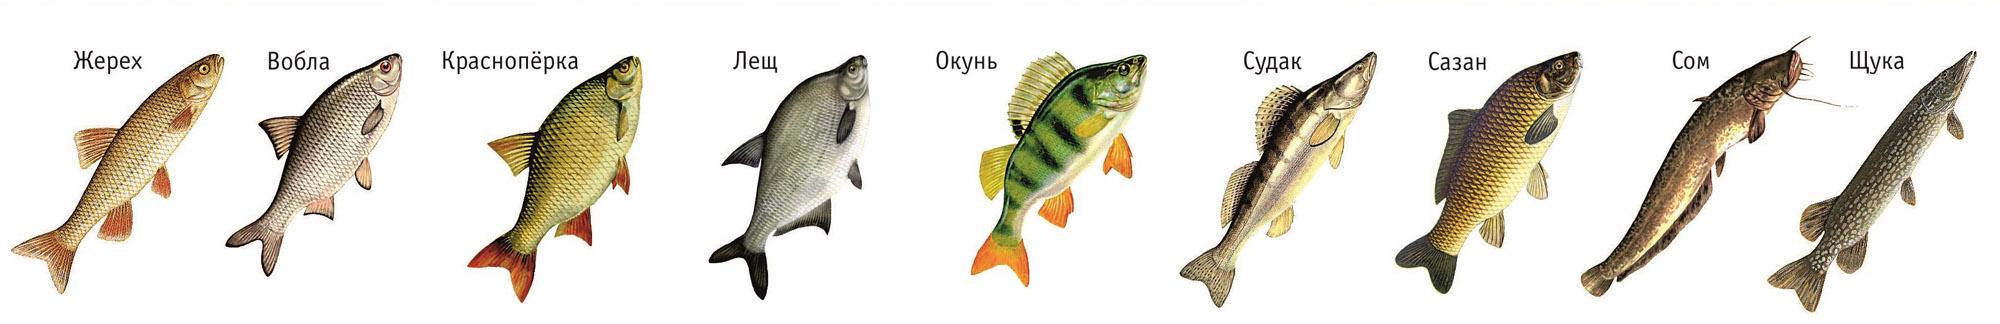 Прогноз клева рыбы тверская область волга